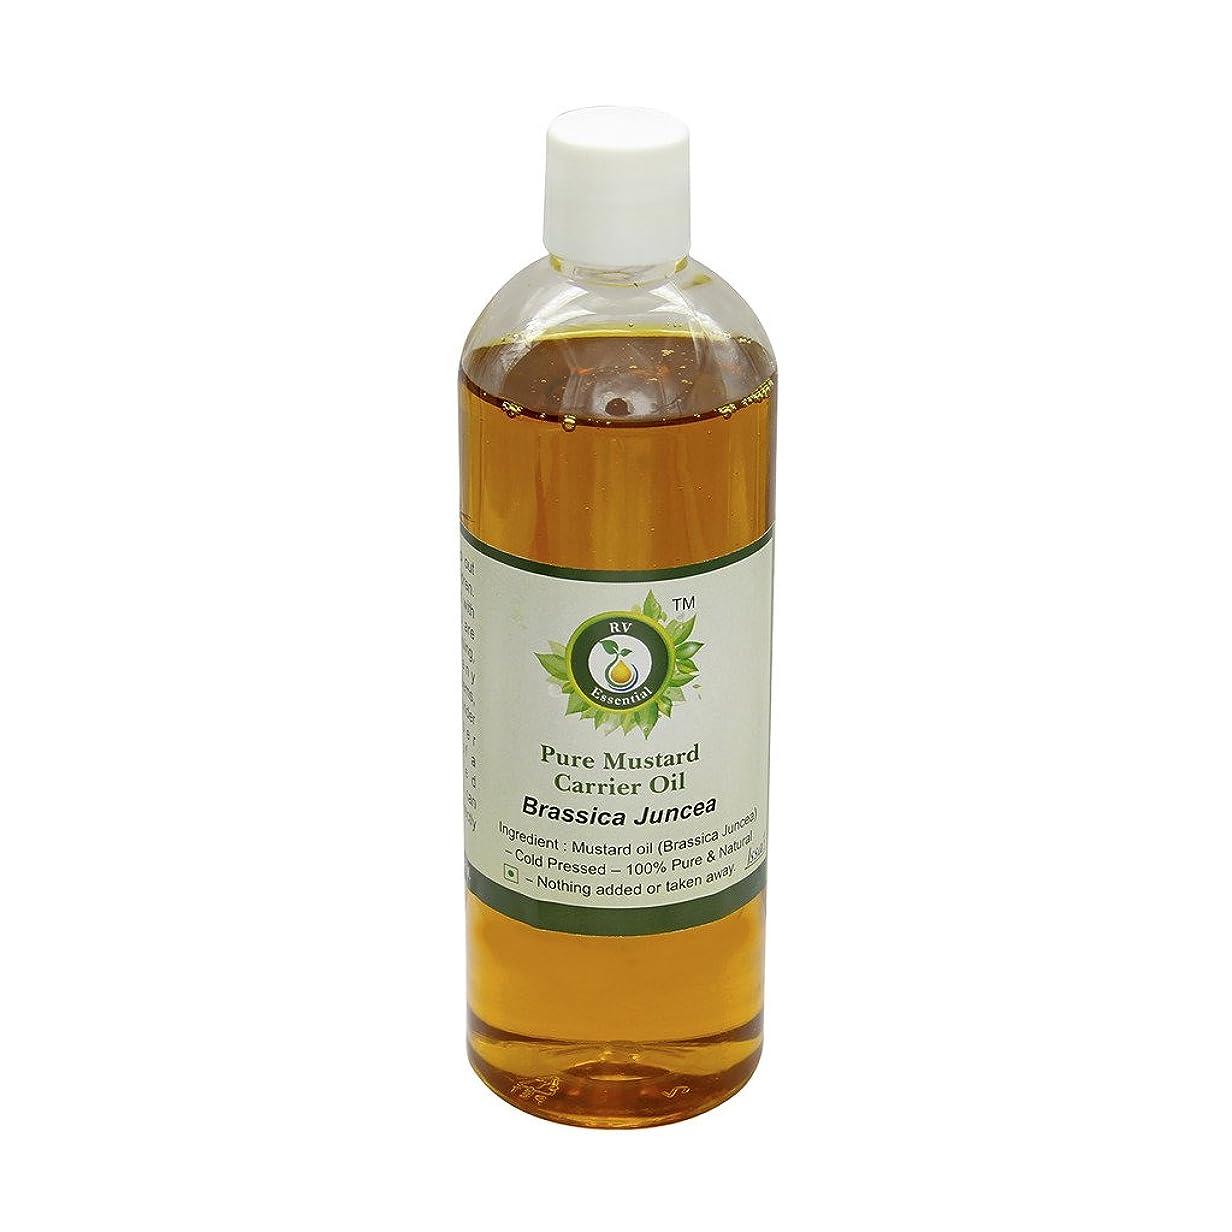 確かなとてもダムR V Essential 純粋なマスタードキャリアオイル100ml (3.38oz)- Brassica Juncea (100%ピュア&ナチュラルコールドPressed) Pure Mustard Carrier Oil